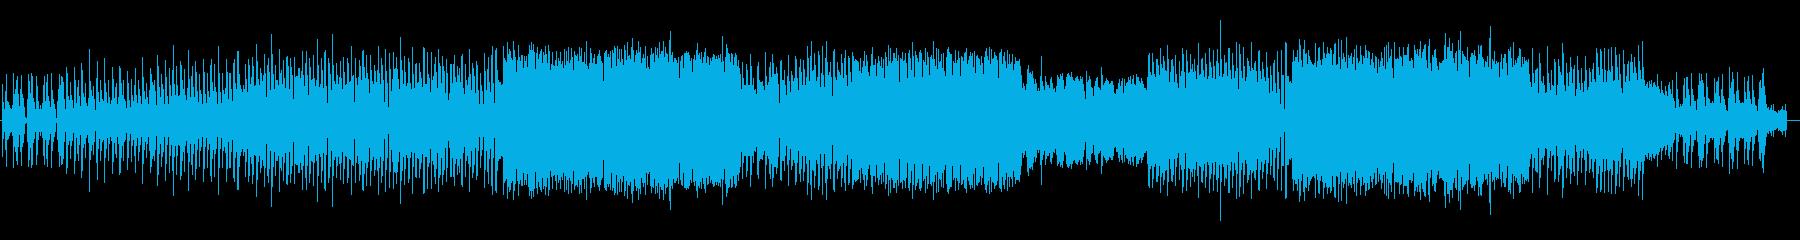 女声ボーカル、EDMの再生済みの波形